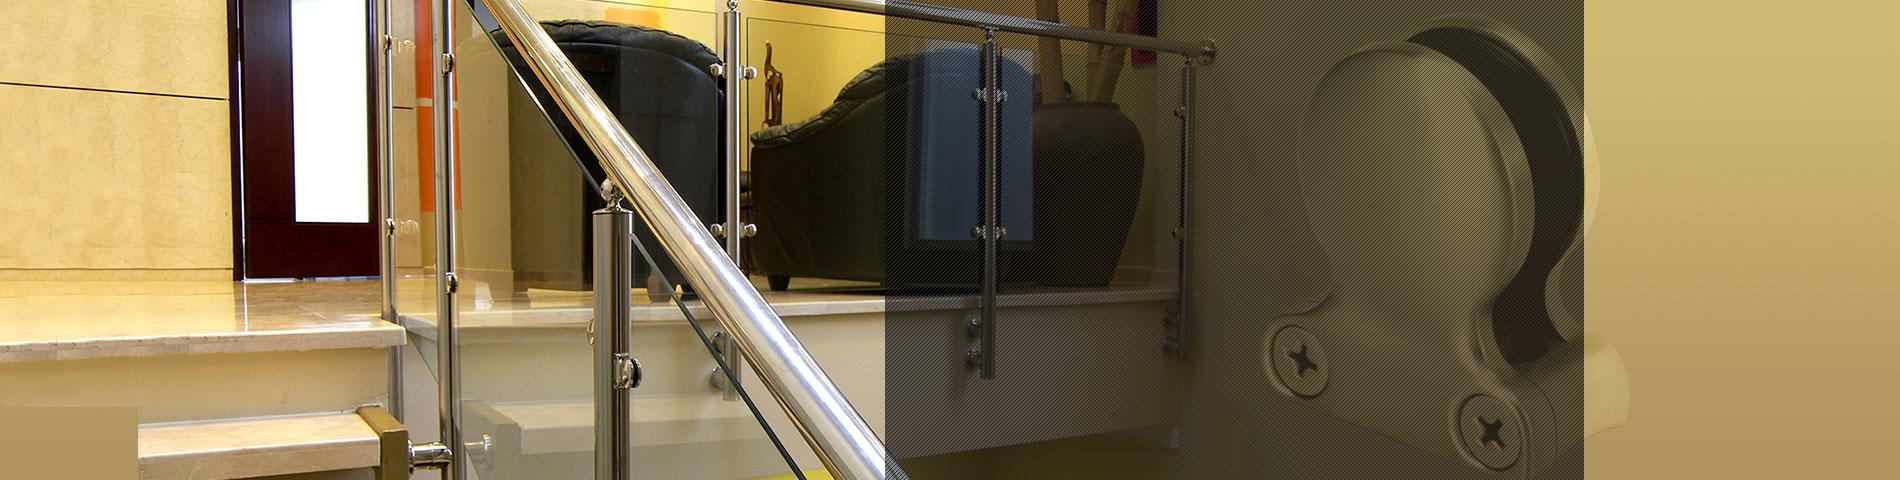 Нержавеющая сталь Аксессуары для балюстрад для стекла